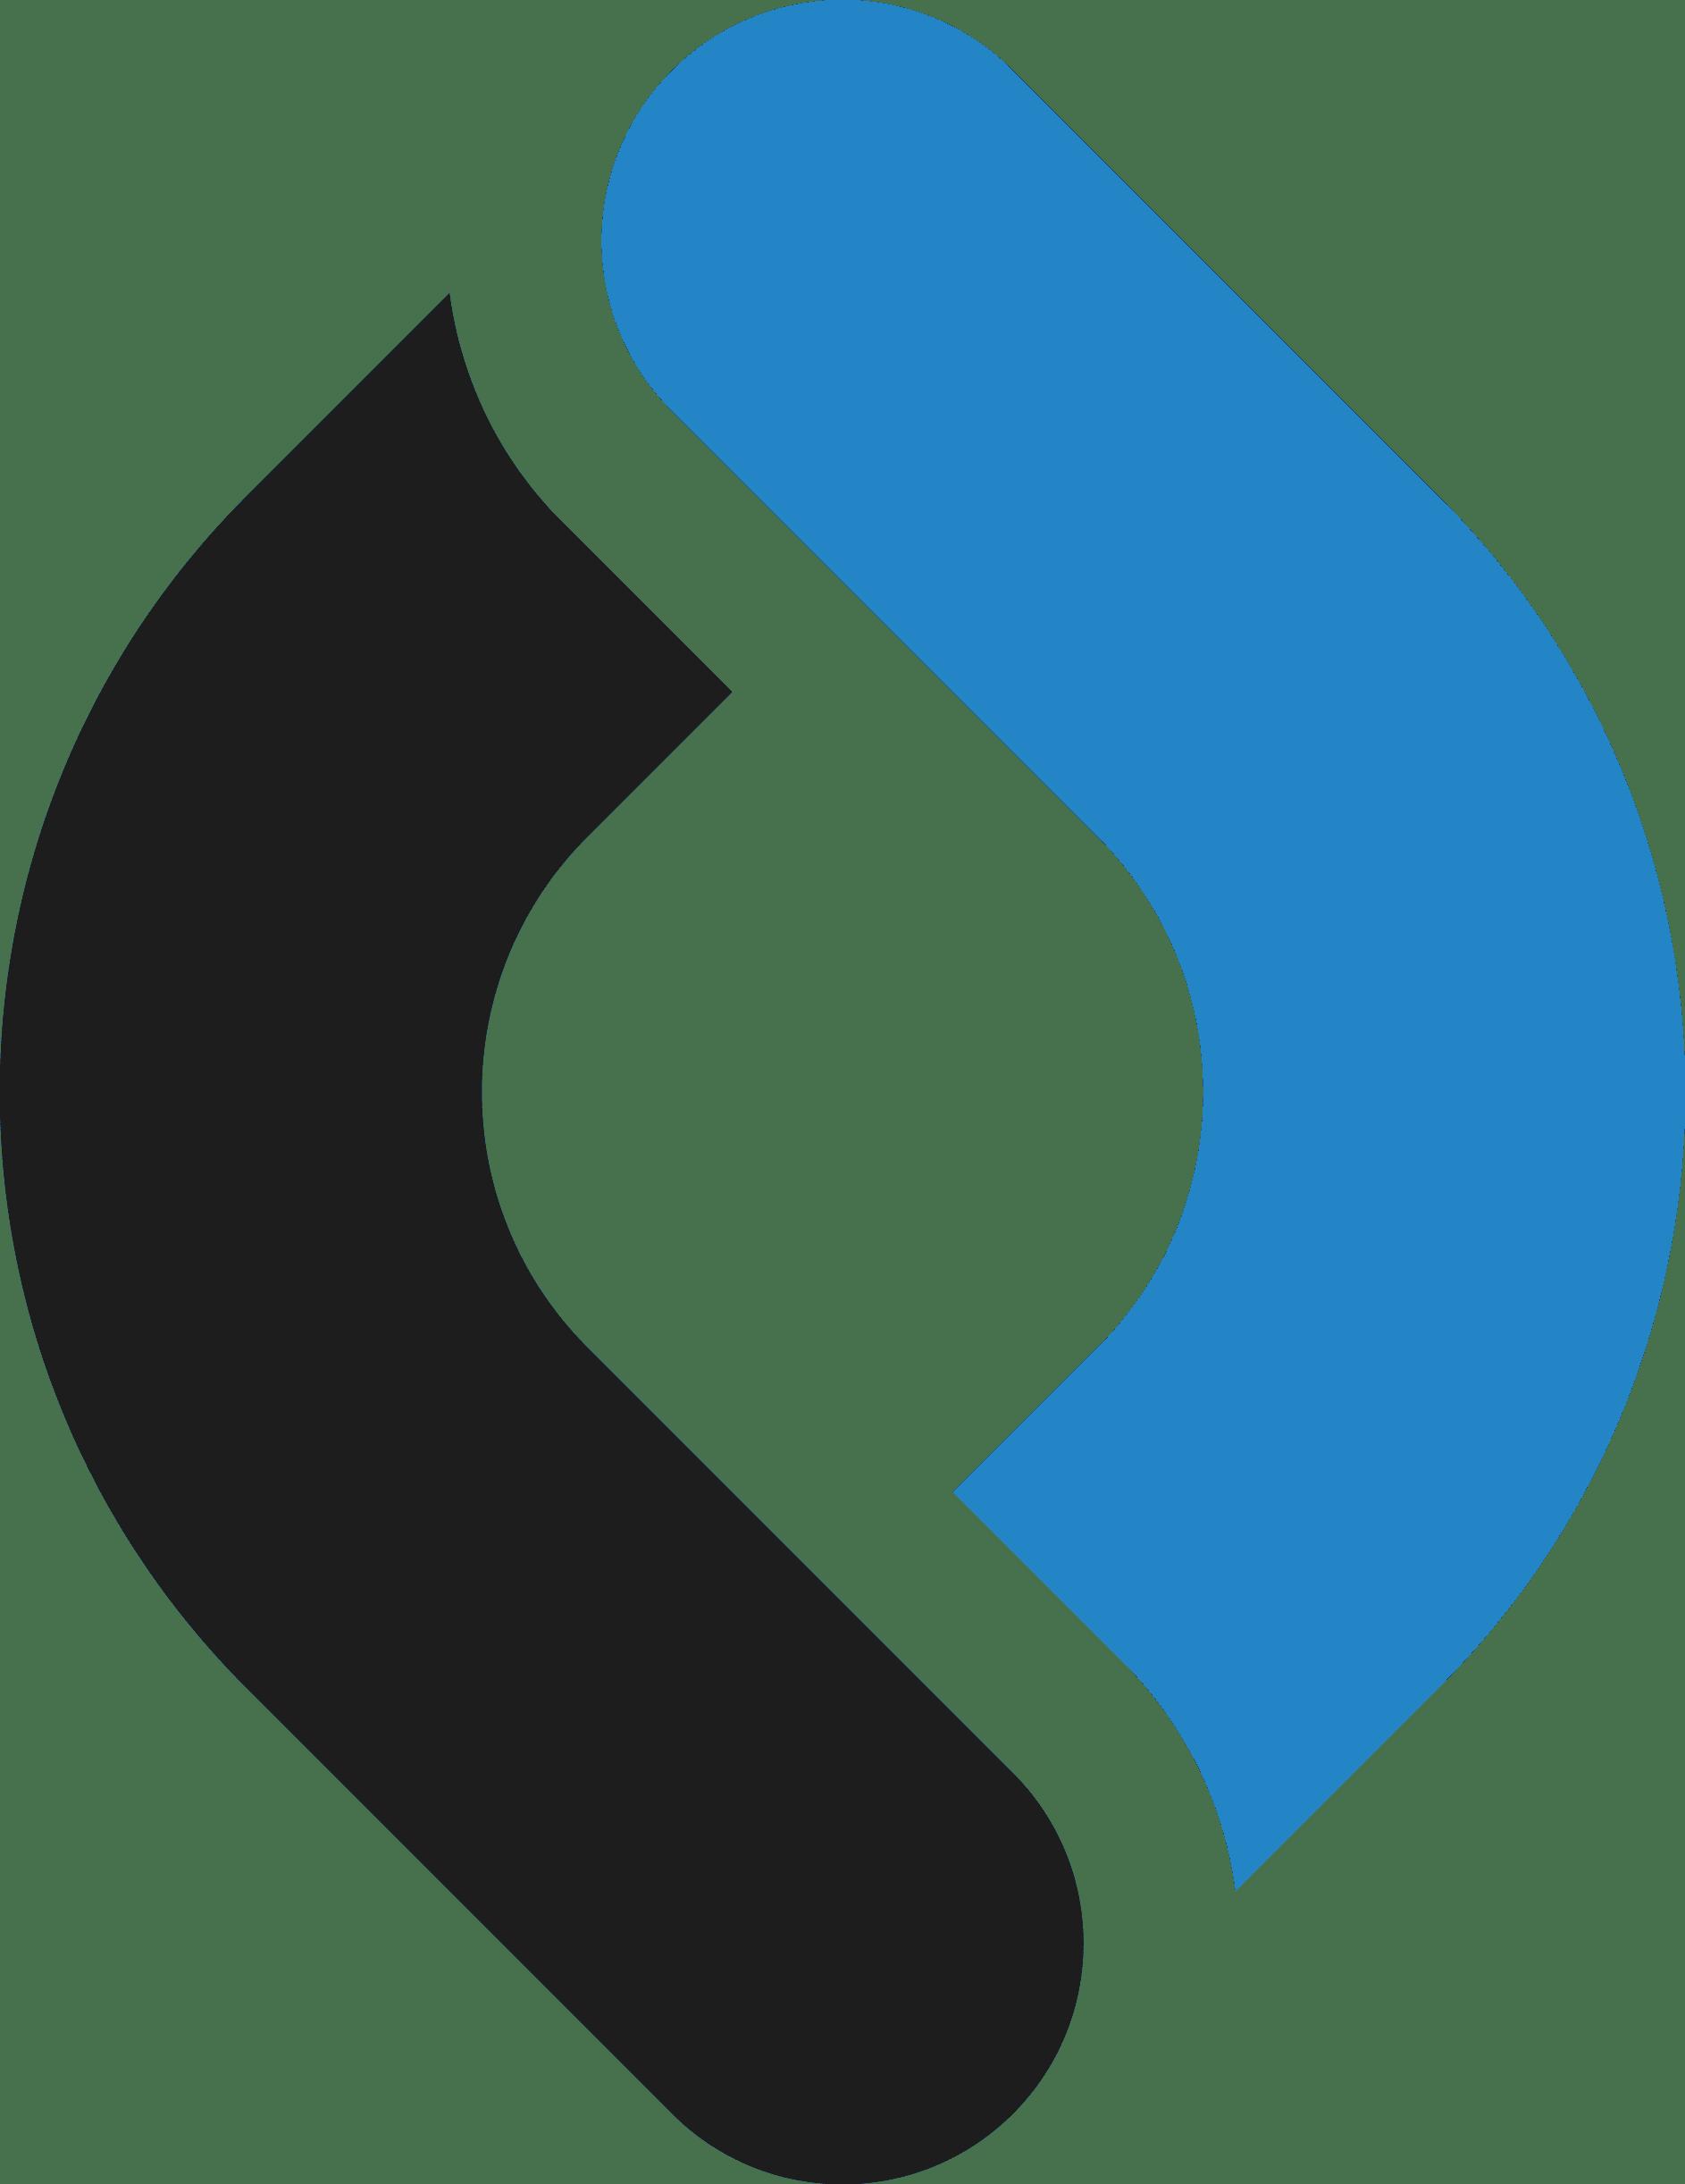 Monerium's logo